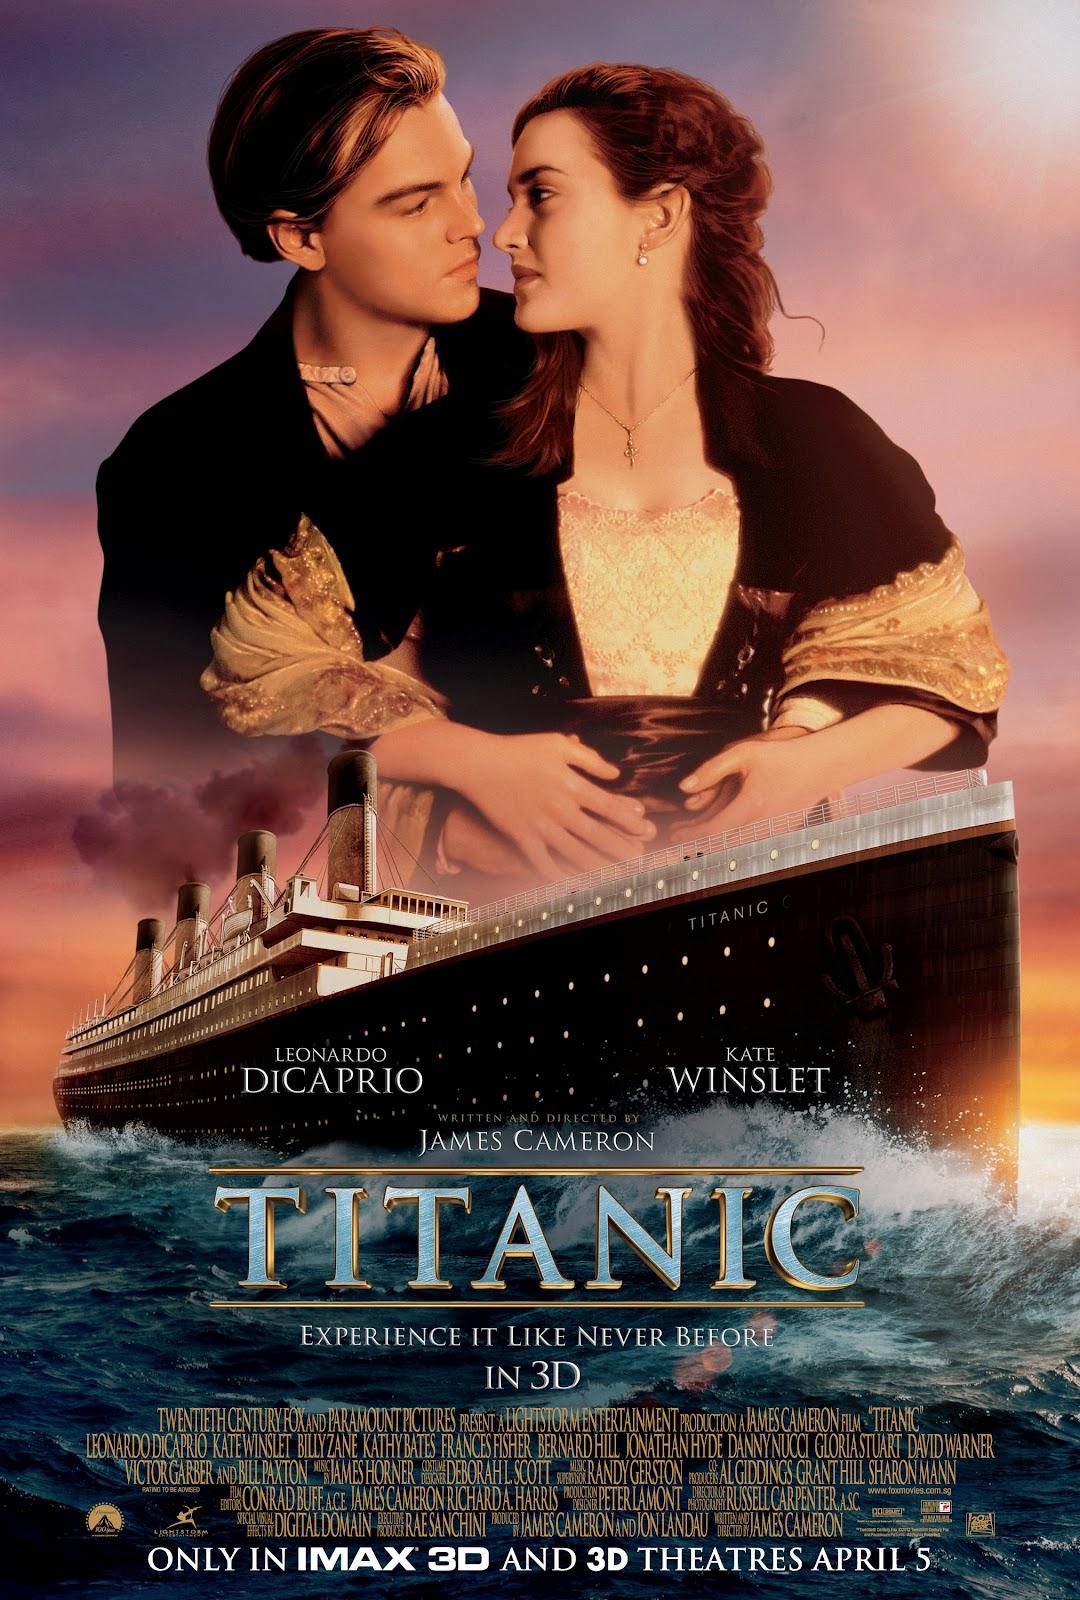 http://1.bp.blogspot.com/-dwsG3emrcbg/UO8W0vBlJ5I/AAAAAAAAQ6w/3Yx5TKlhb1A/s1600/Titanic+3D-Camp+B-1.jpg